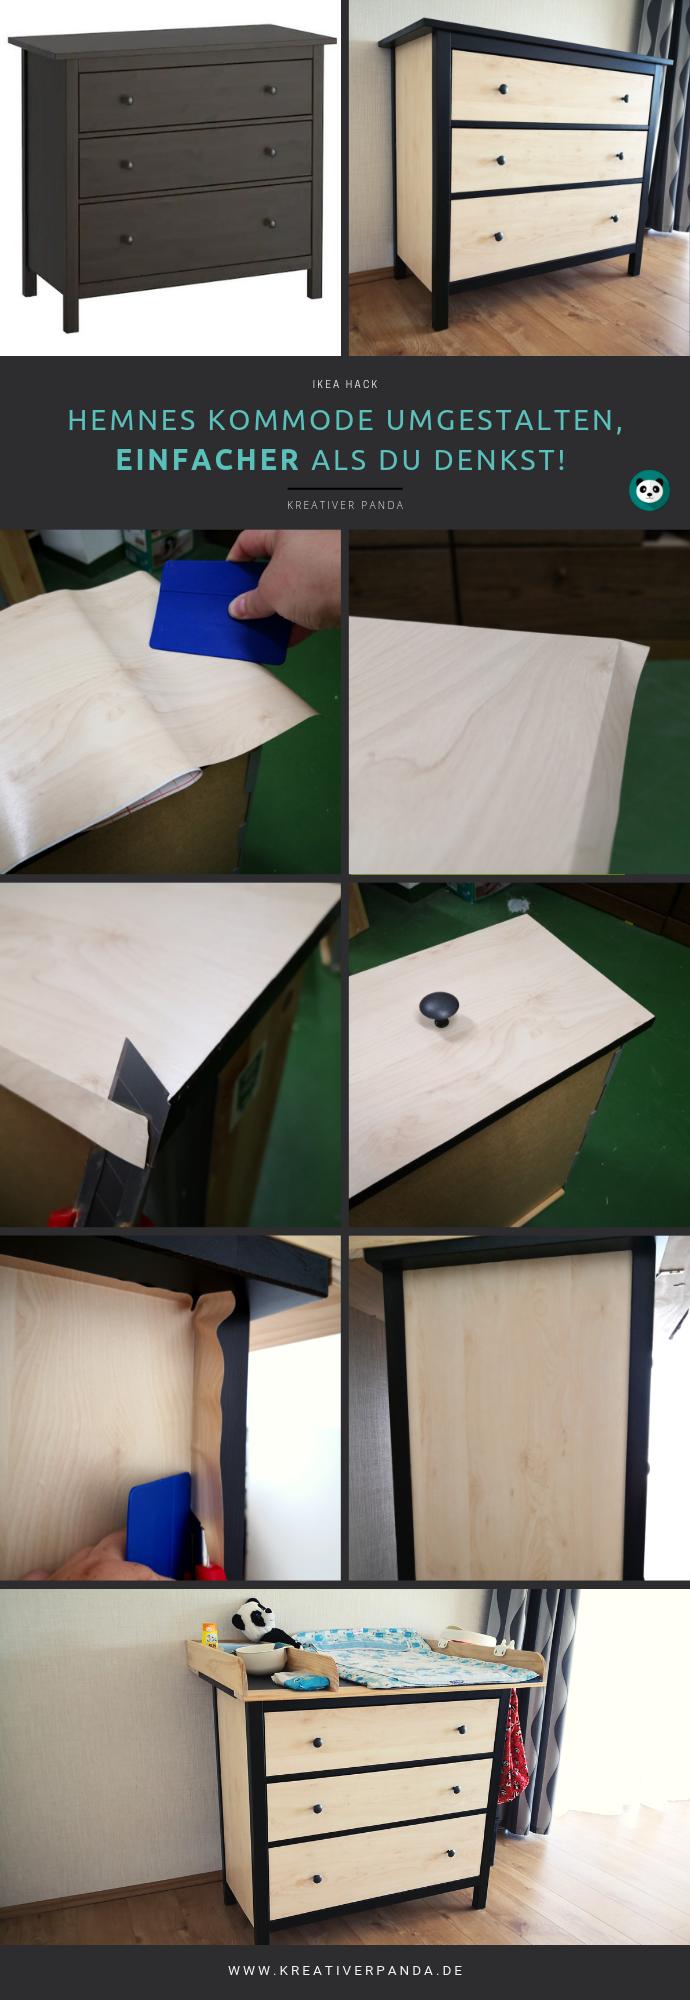 Ikea Hemnes kommode umgestallten, einfacher als du denkst! Günstig und schnell. Ikea Hack, Wickelkommode, kostenlose Anleitung, Schritt -für - Schritt Anleitung